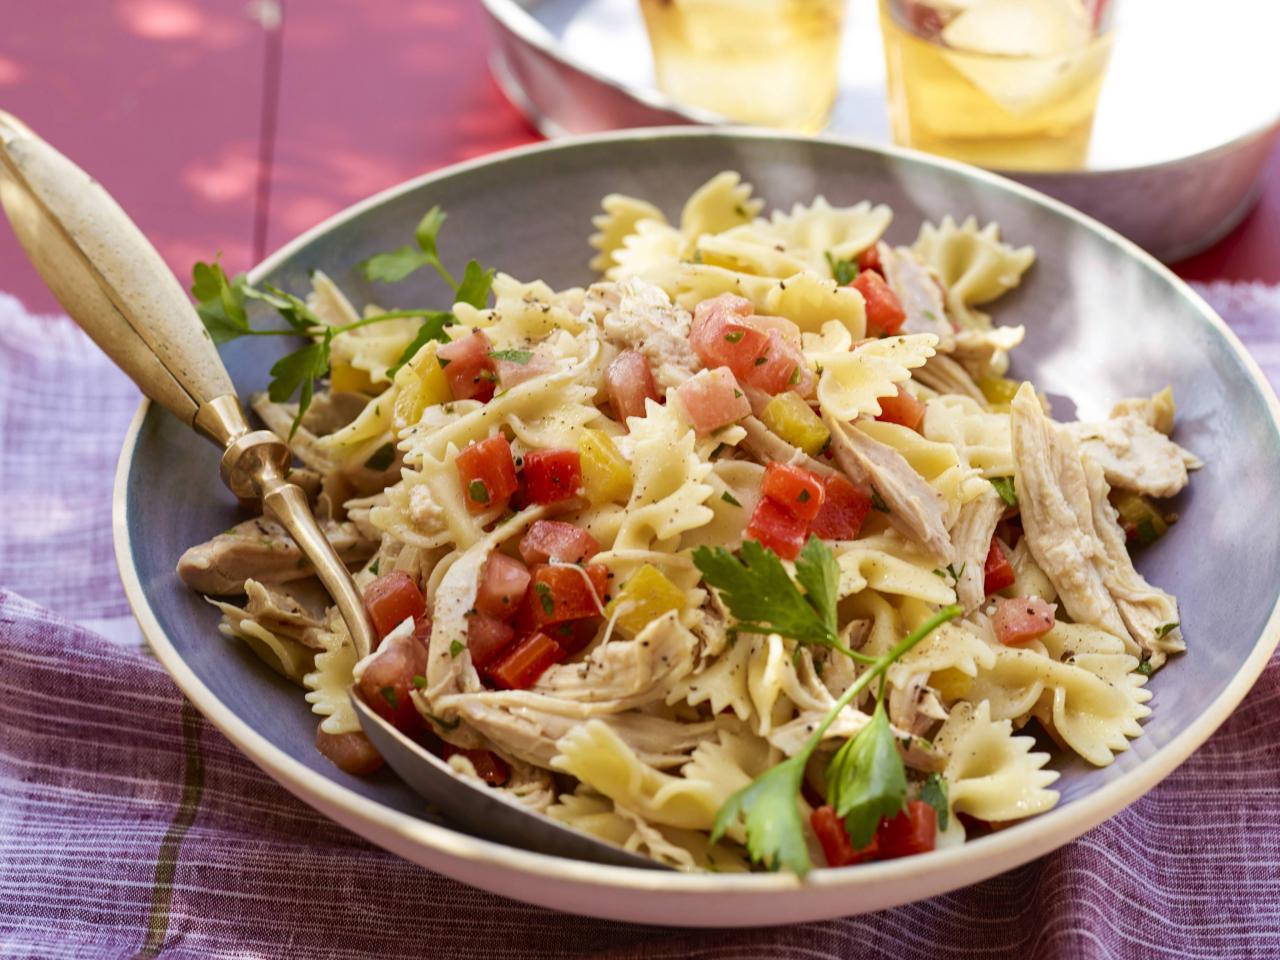 easy bow tie pasta salad photo - 1